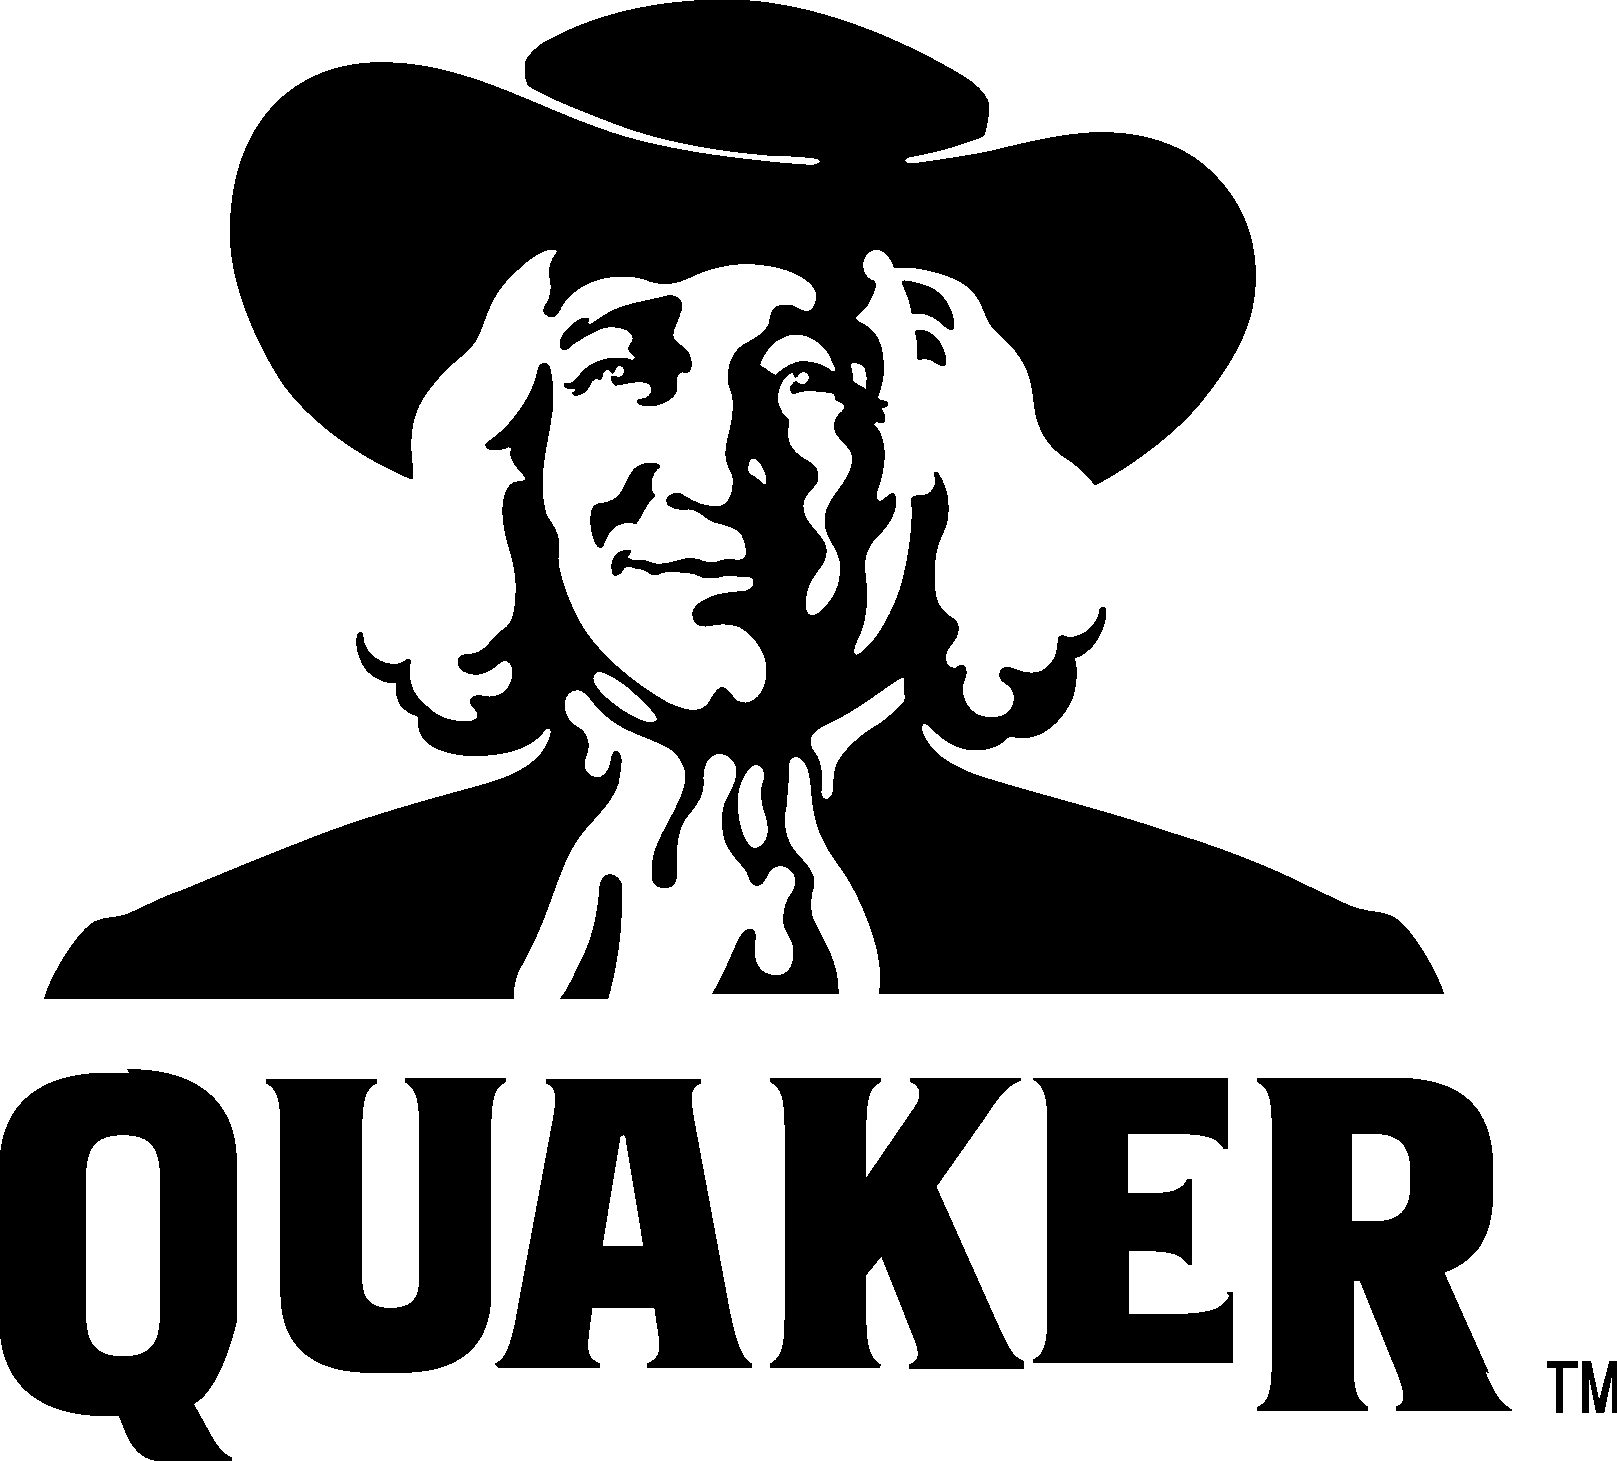 Quaker Logo Vector Free Download